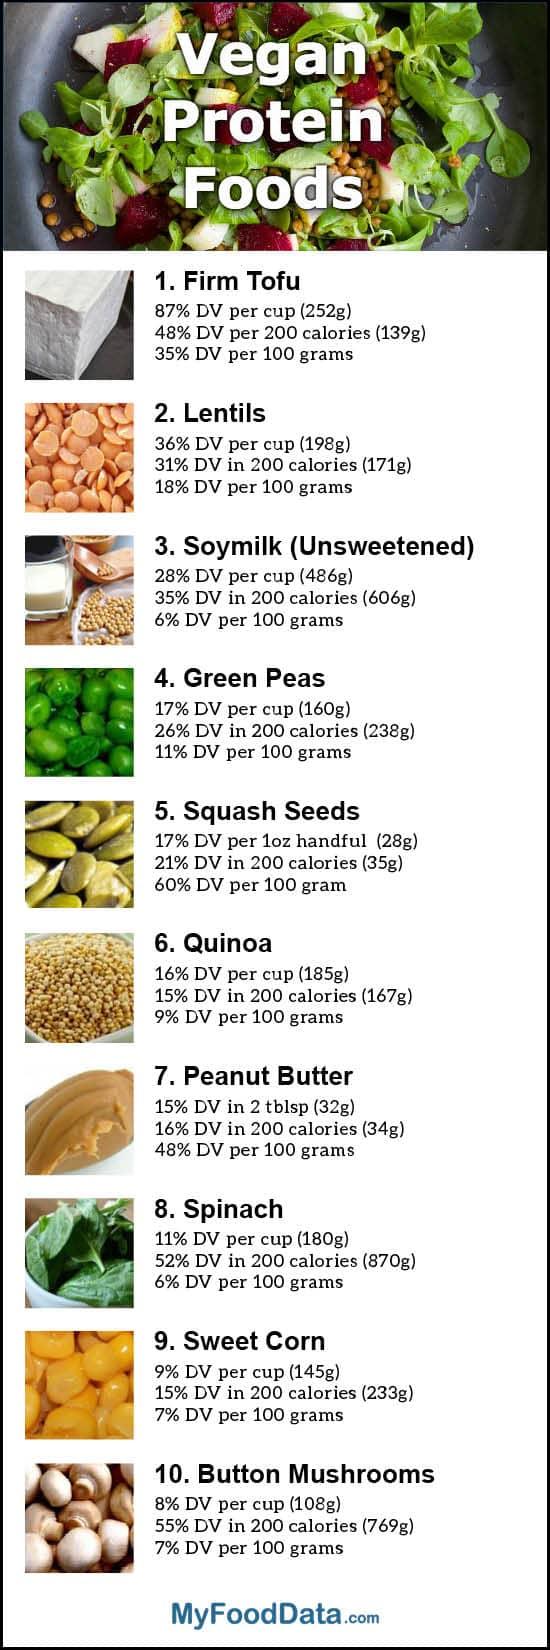 Top 10 Vegan Foods High in Protein